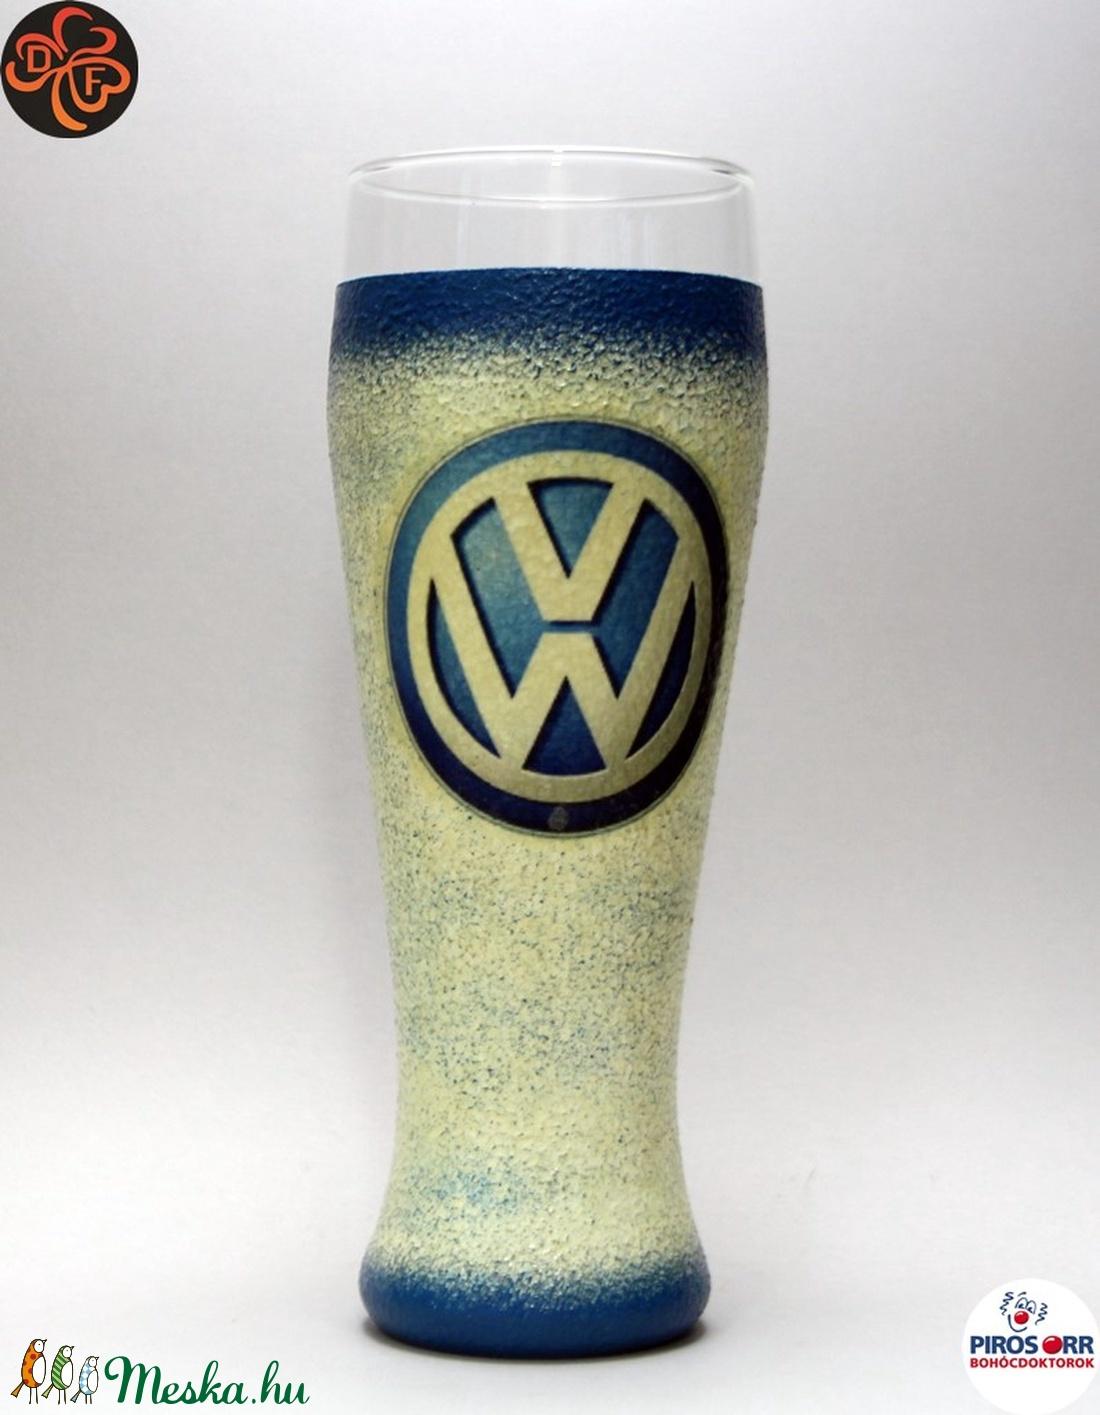 VOLKSWAGEN sörös pohár ; Saját Volkswagen autód fényképével is! (decorfantasy) - Meska.hu